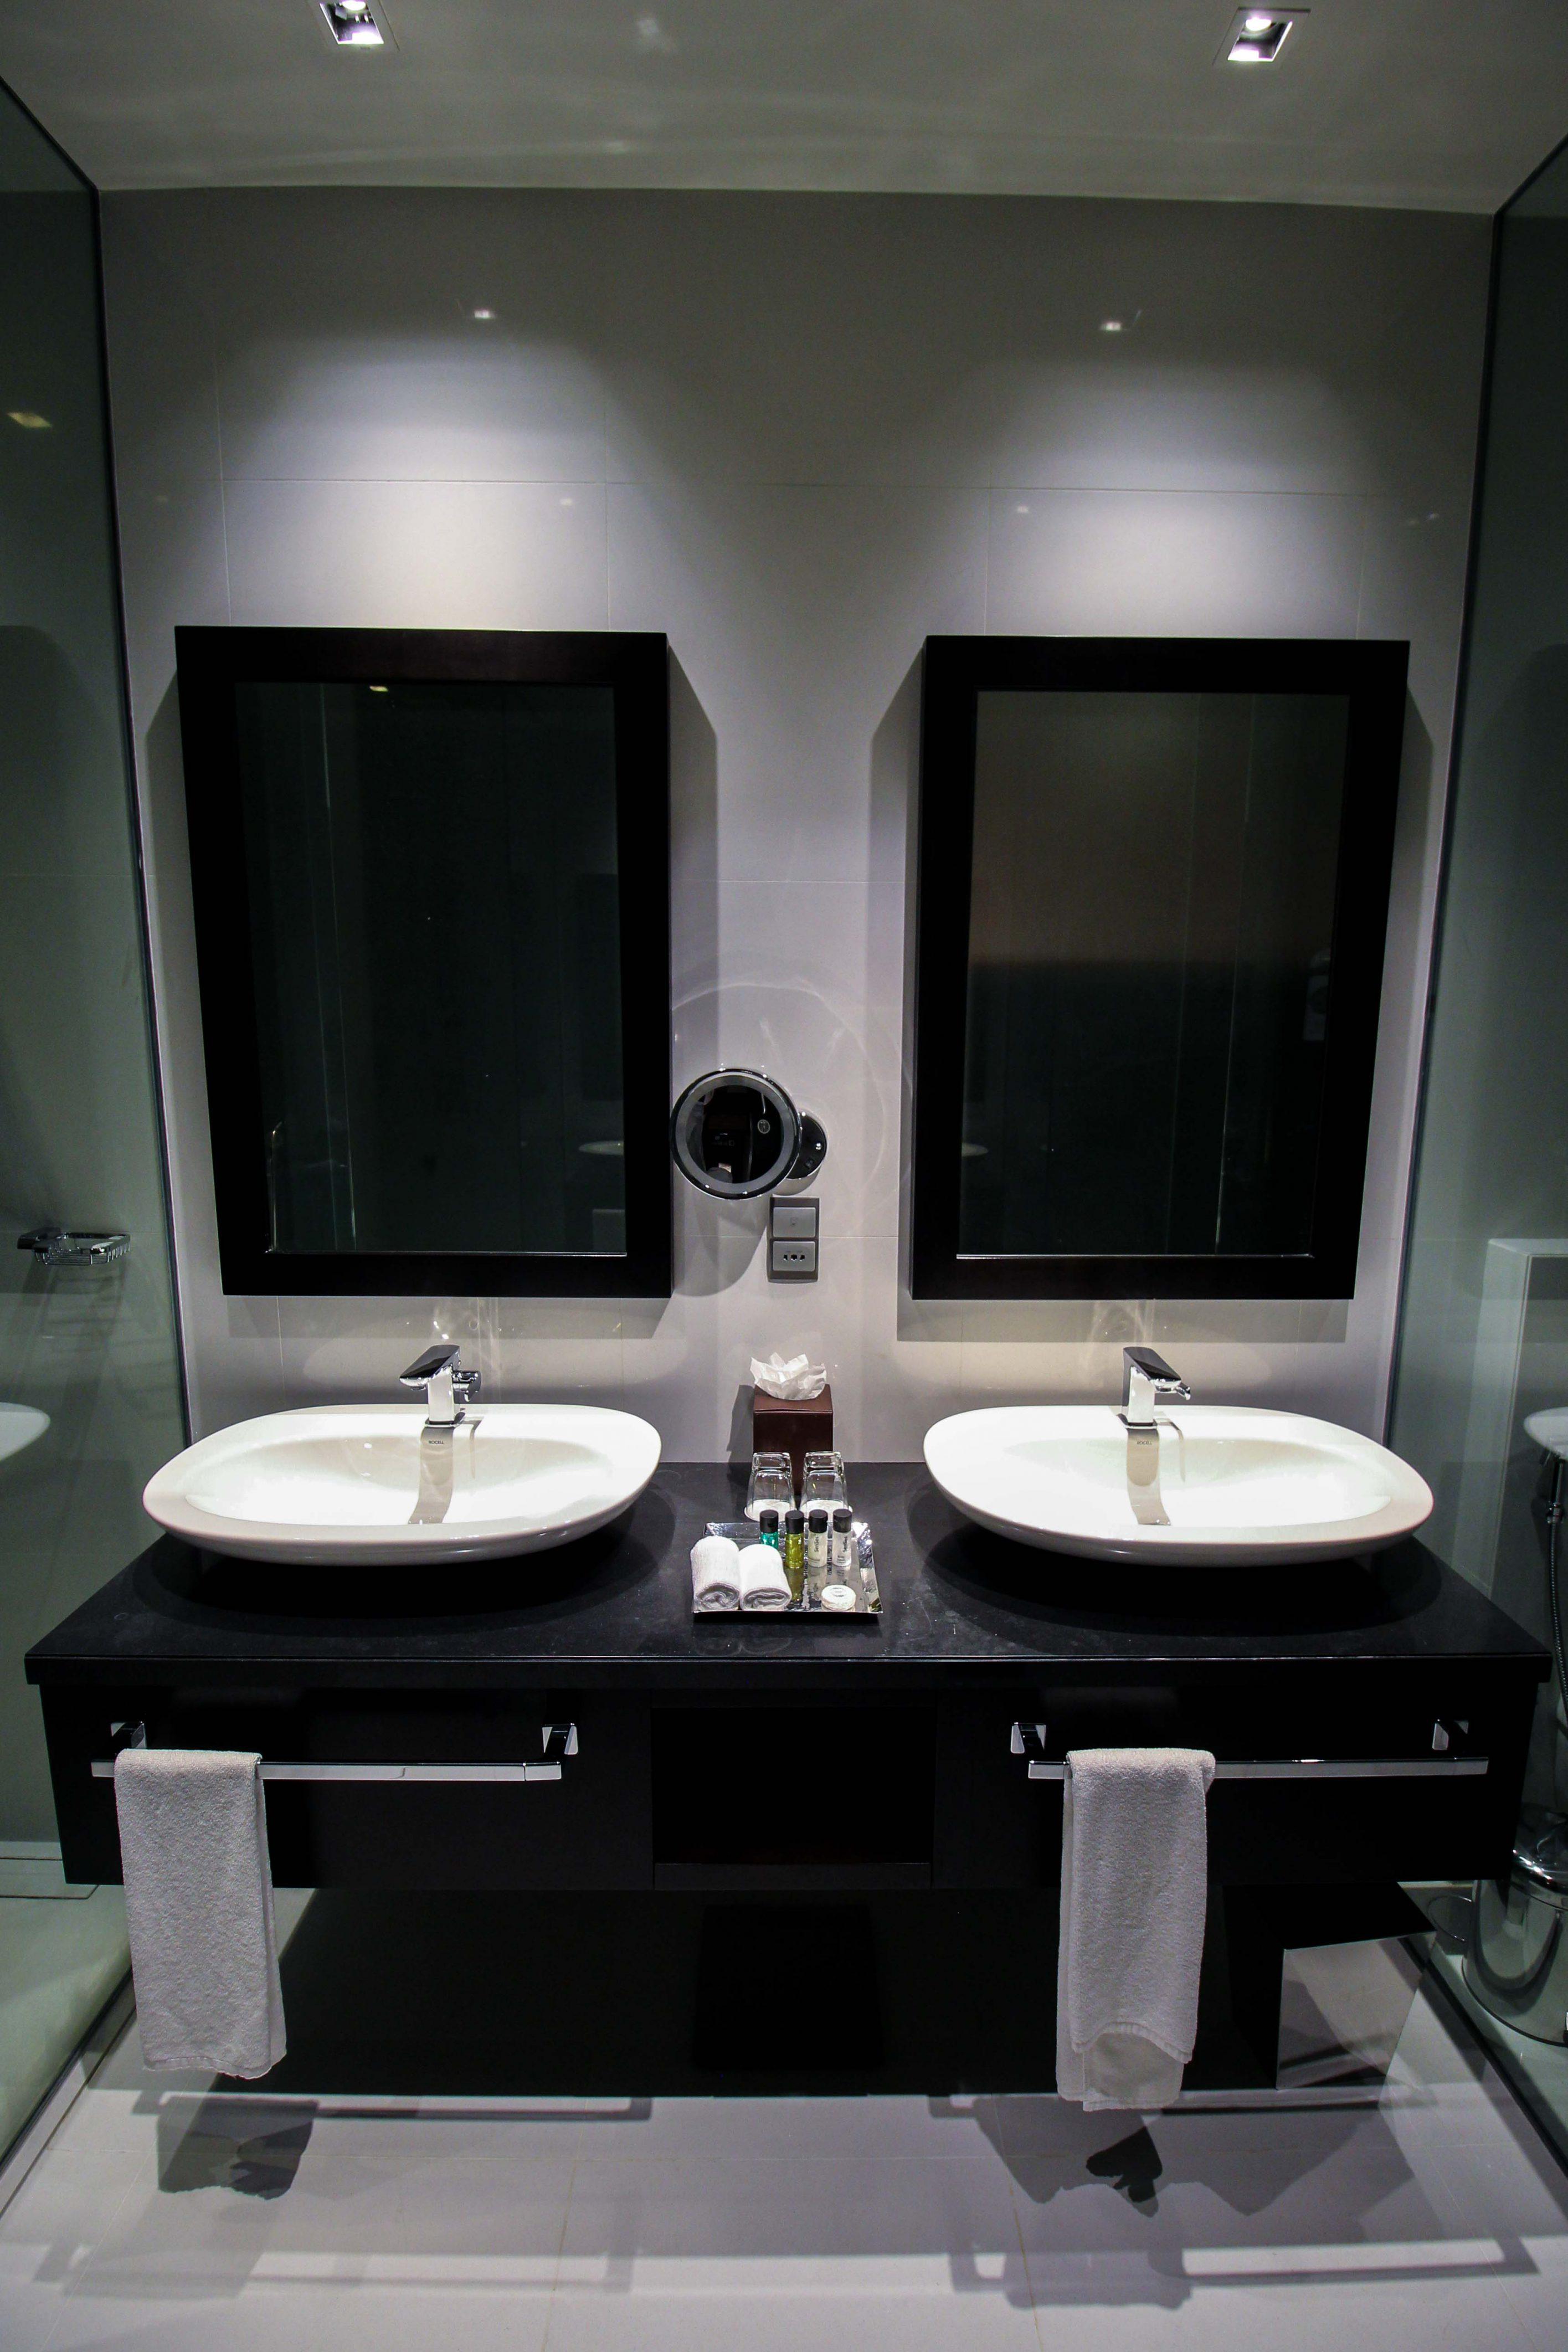 Mövenpick Colombo Hotel Reiseblog Reisebericht Superior Zimmer King-Size Bett Meerblick Badezimmer Rundreise Sri Lanka